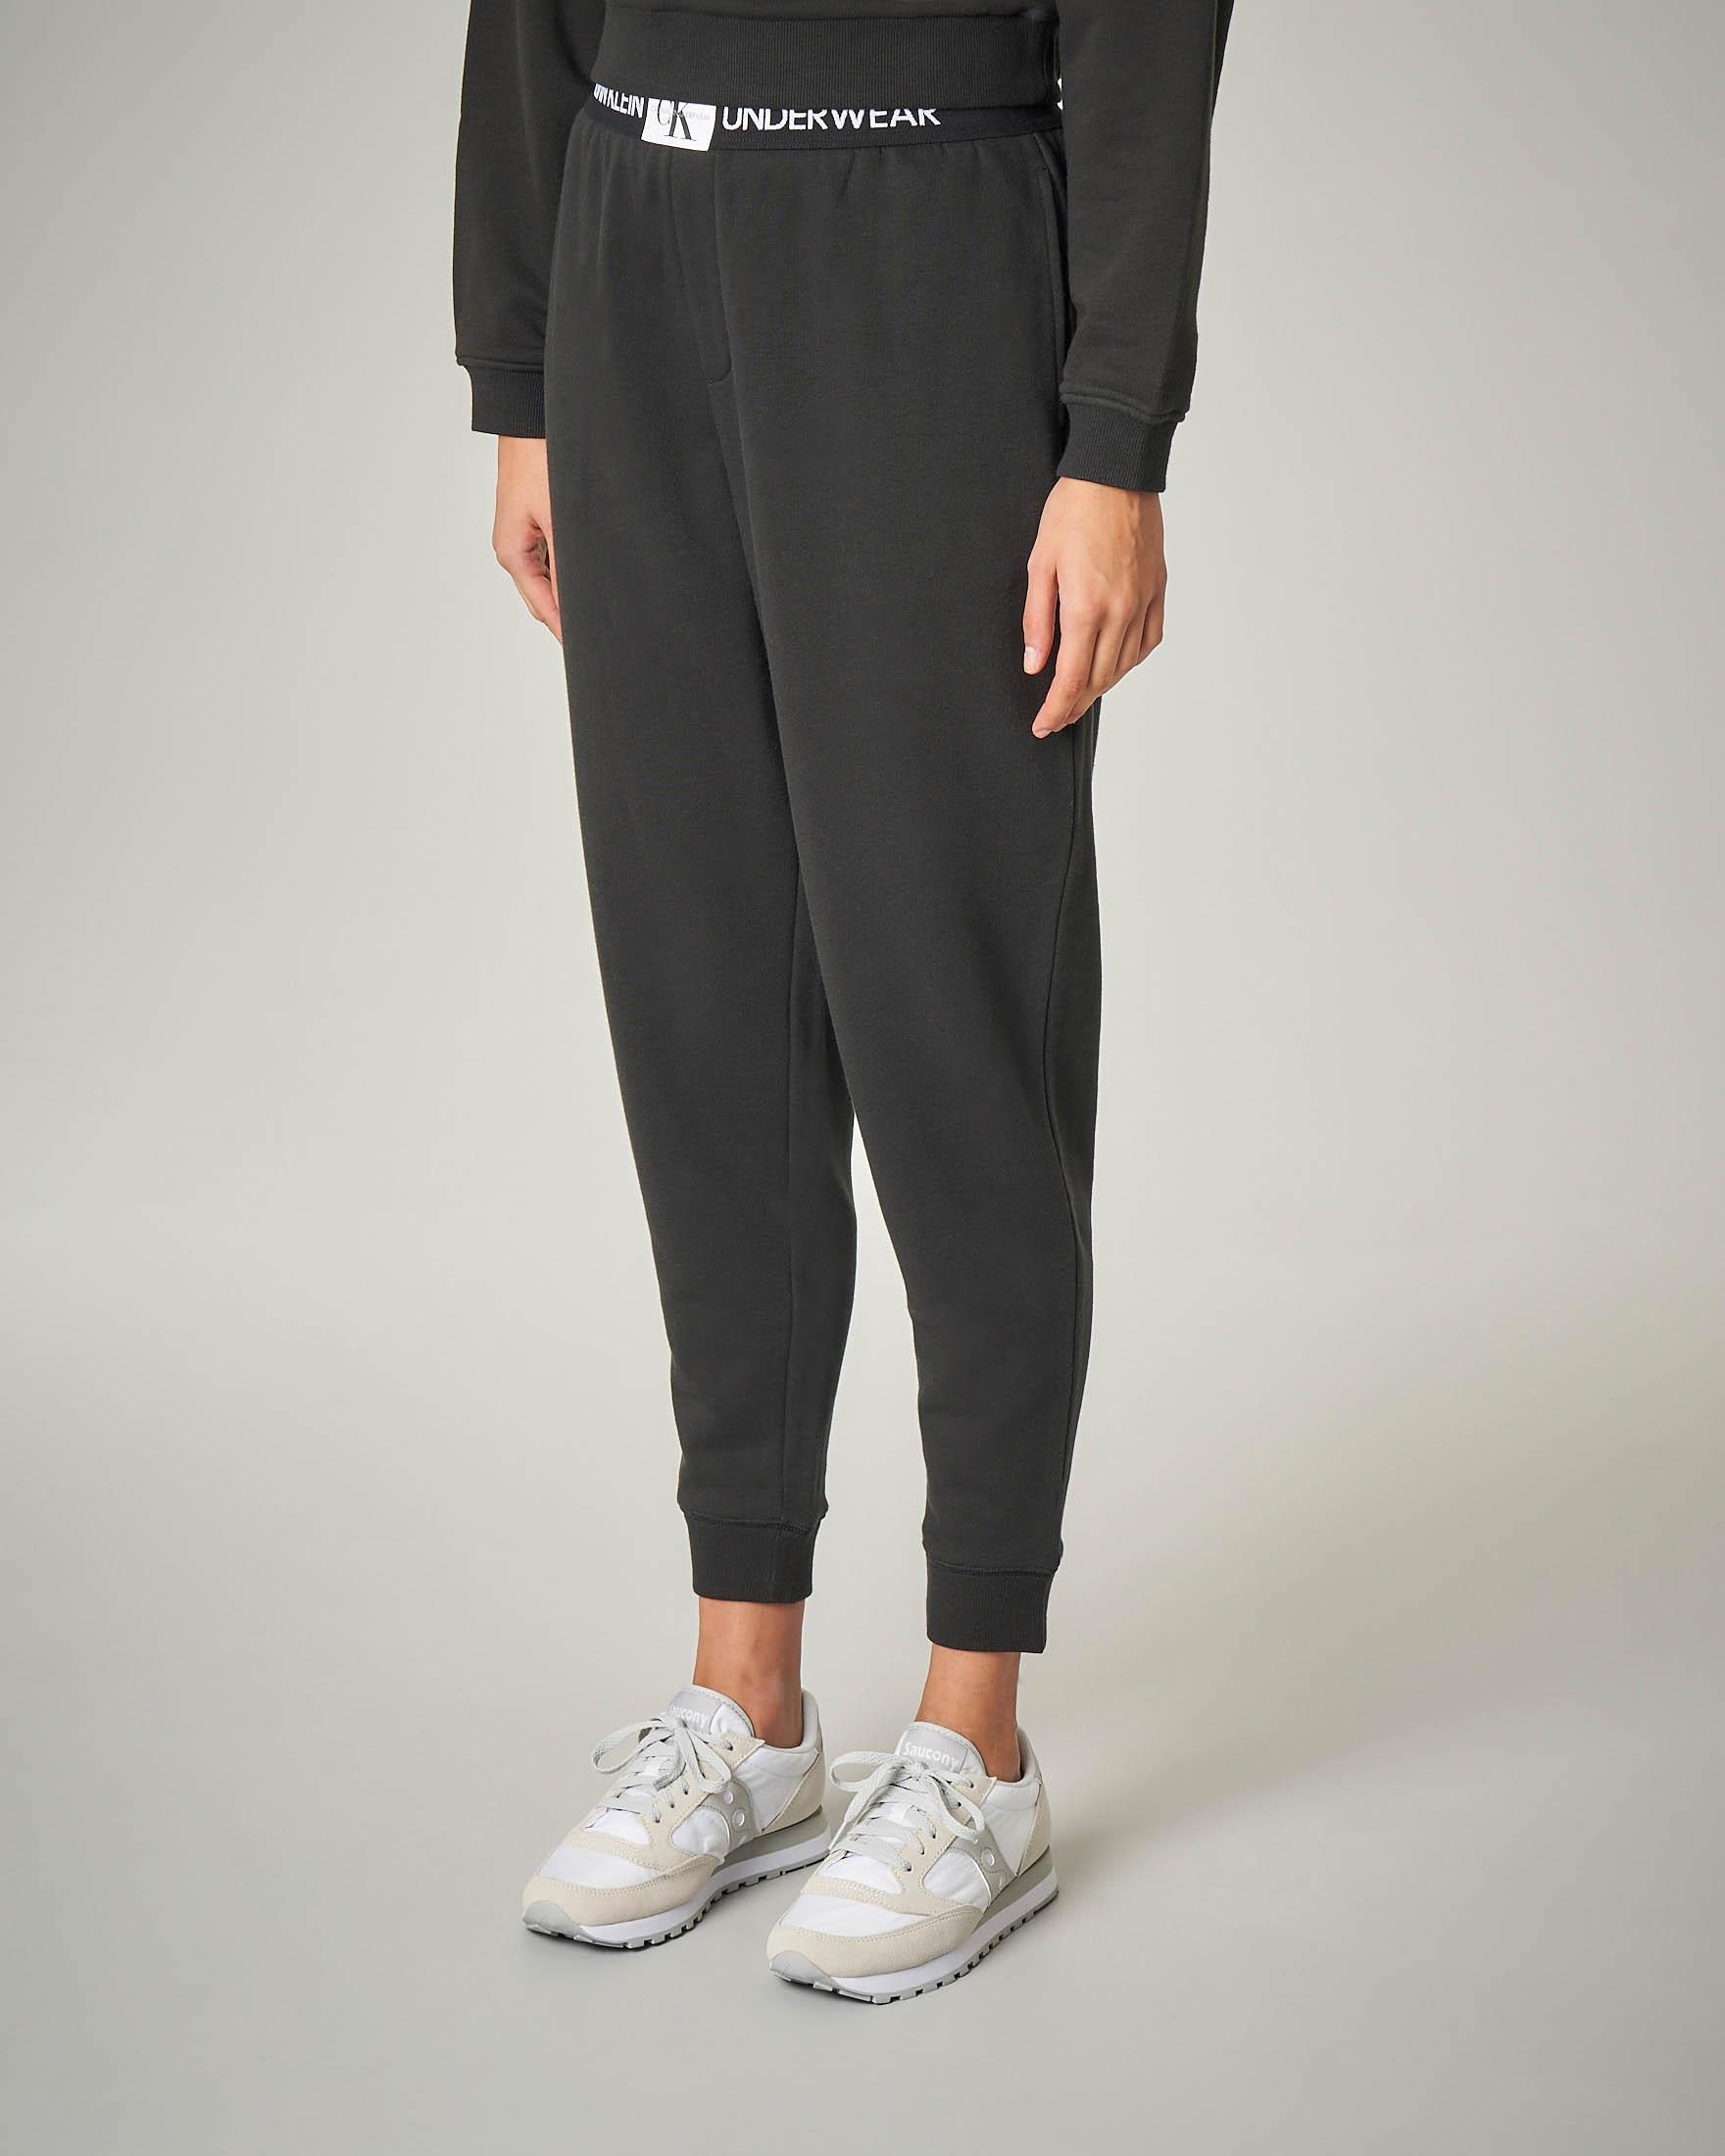 Pantaloni tuta in cotone neri con fascia elastica con logo